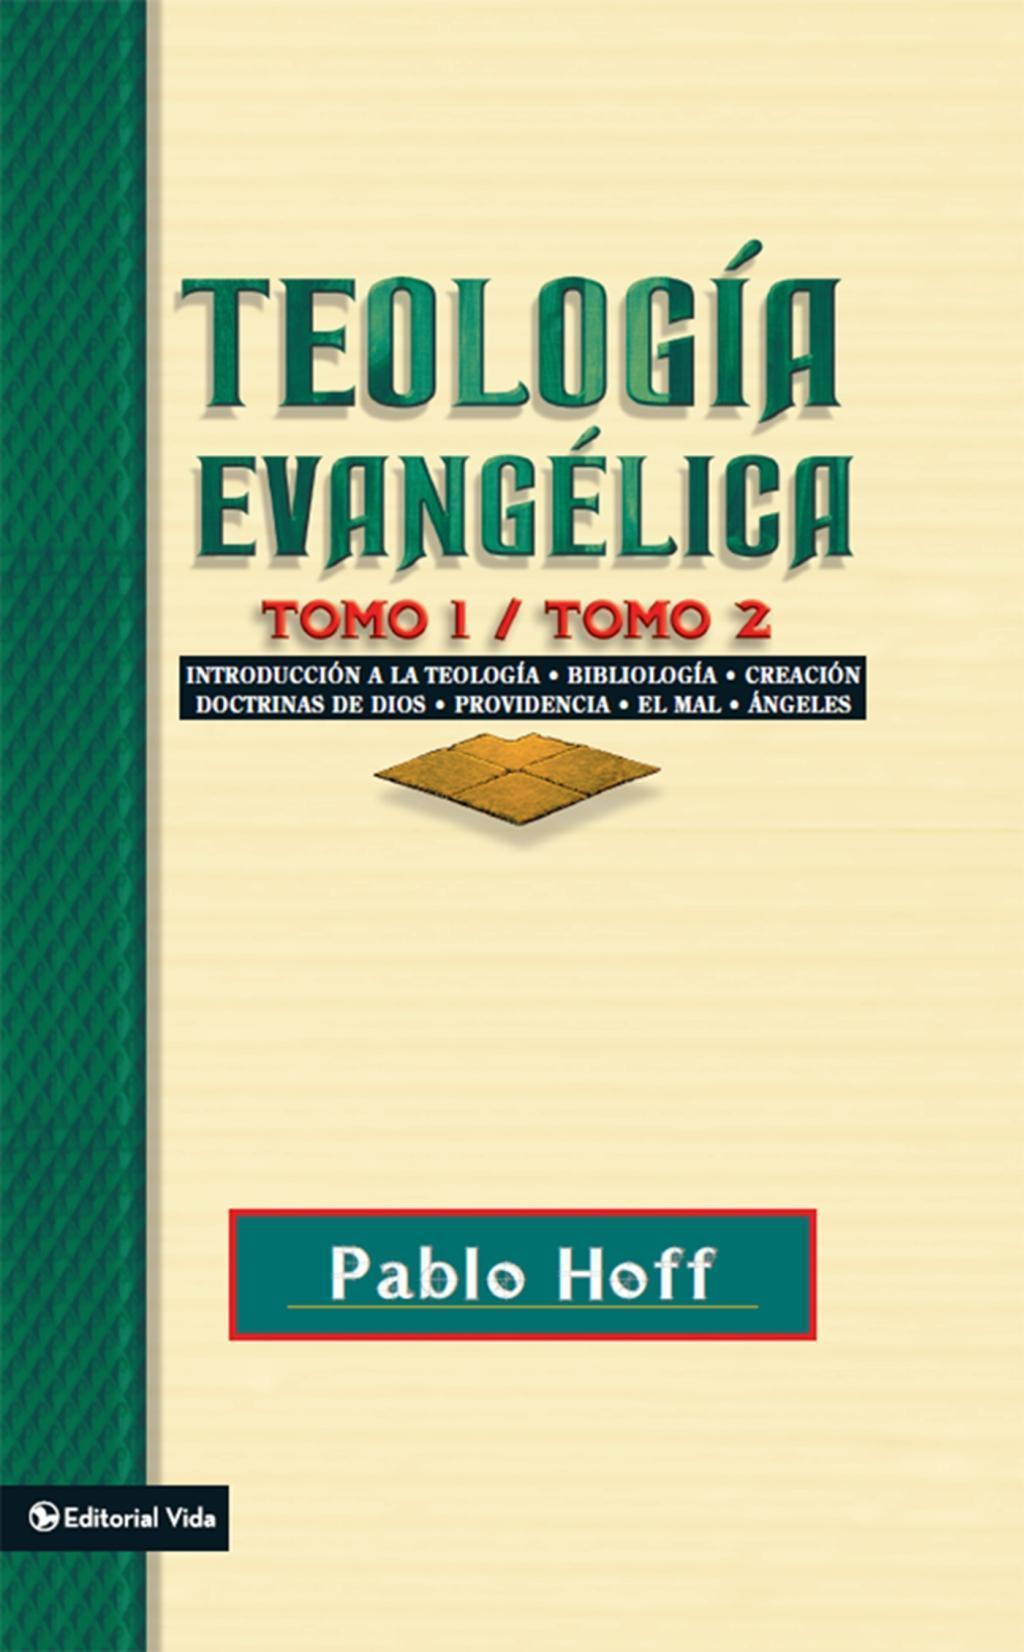 Teología evangélica tomo 1 / tomo 2